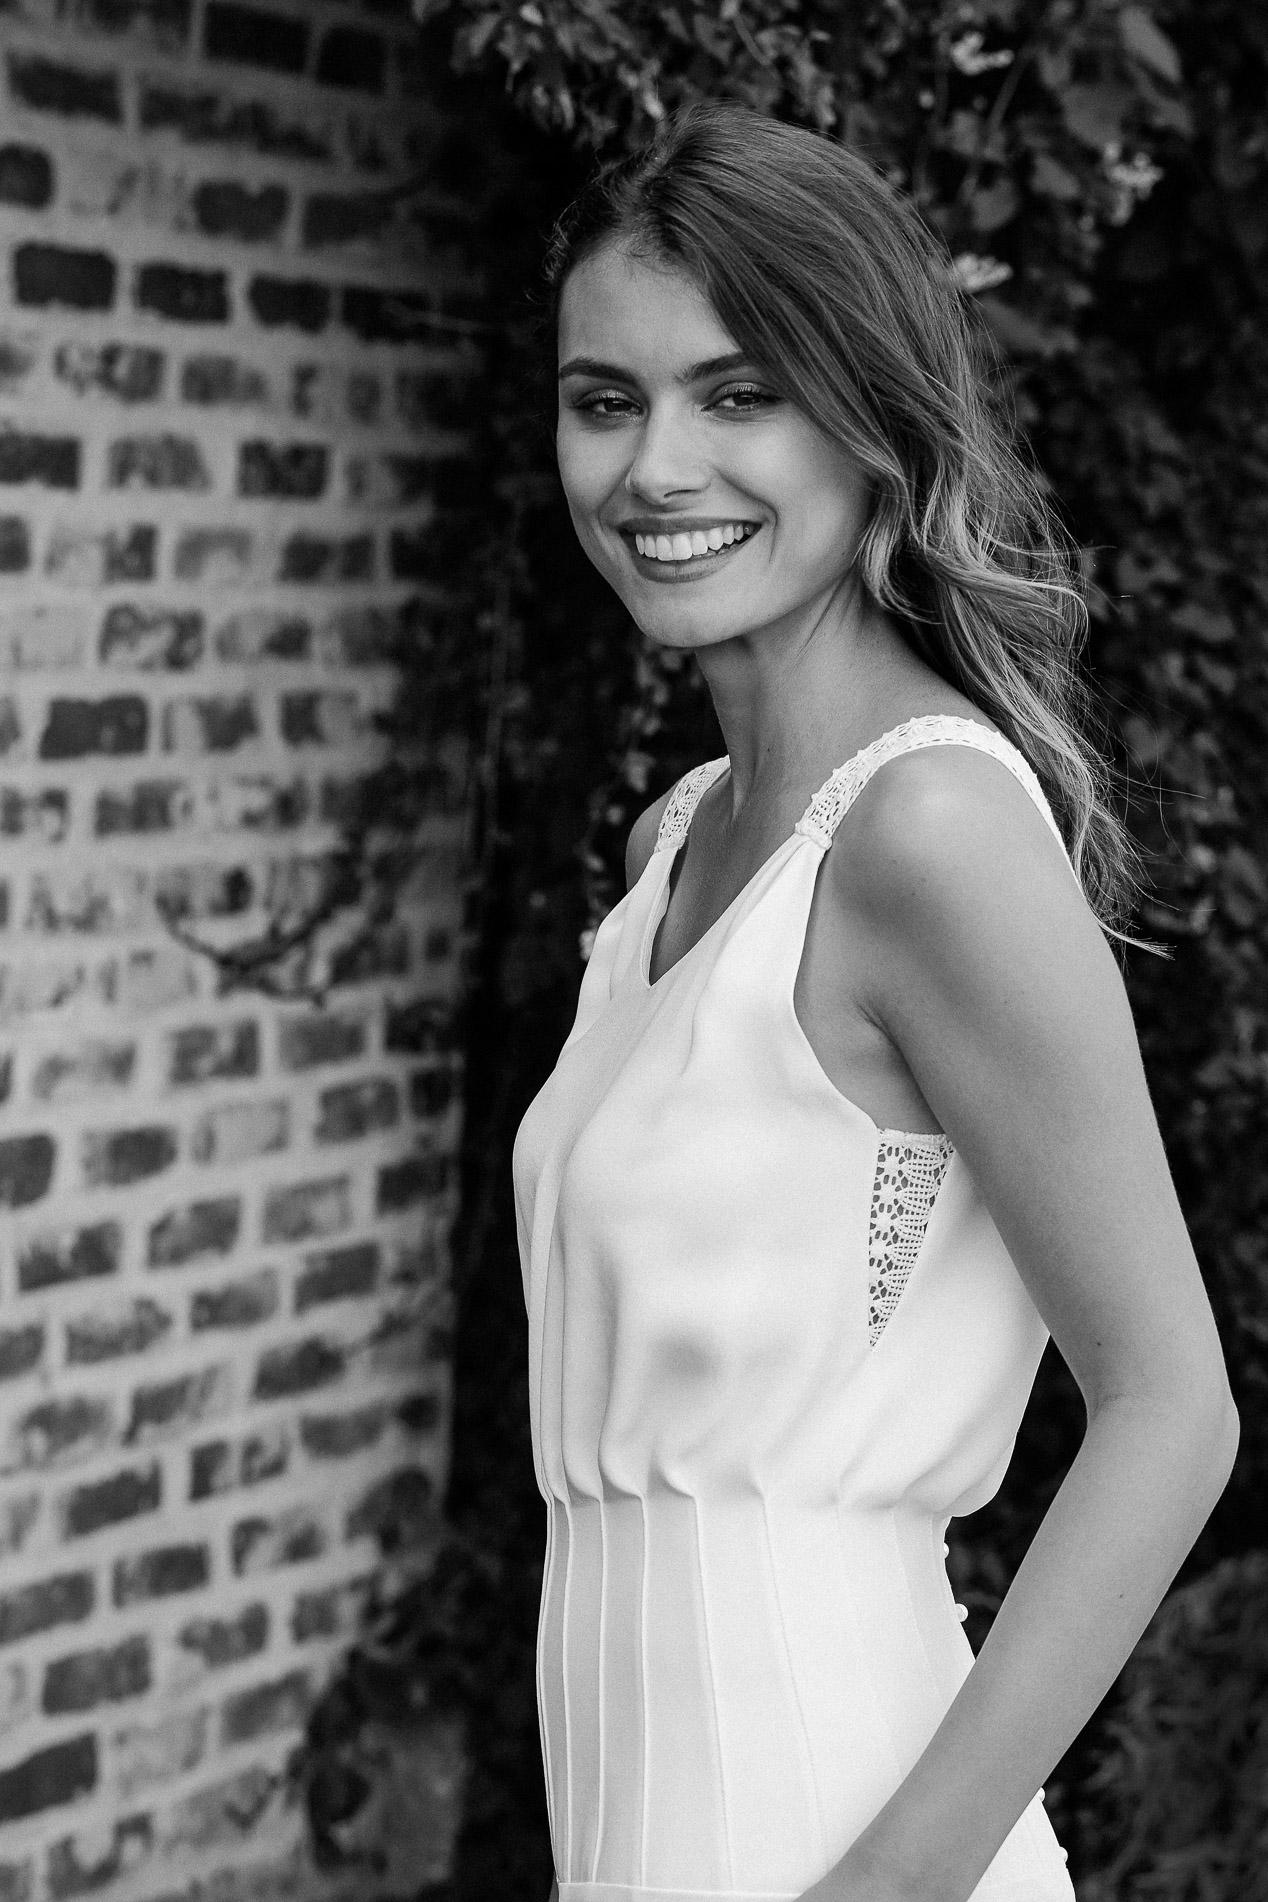 Robe de mariee creatrice paris sur mesure Mathilde Marie l La Fiancee du Panda blog mariage et lifestyle--26